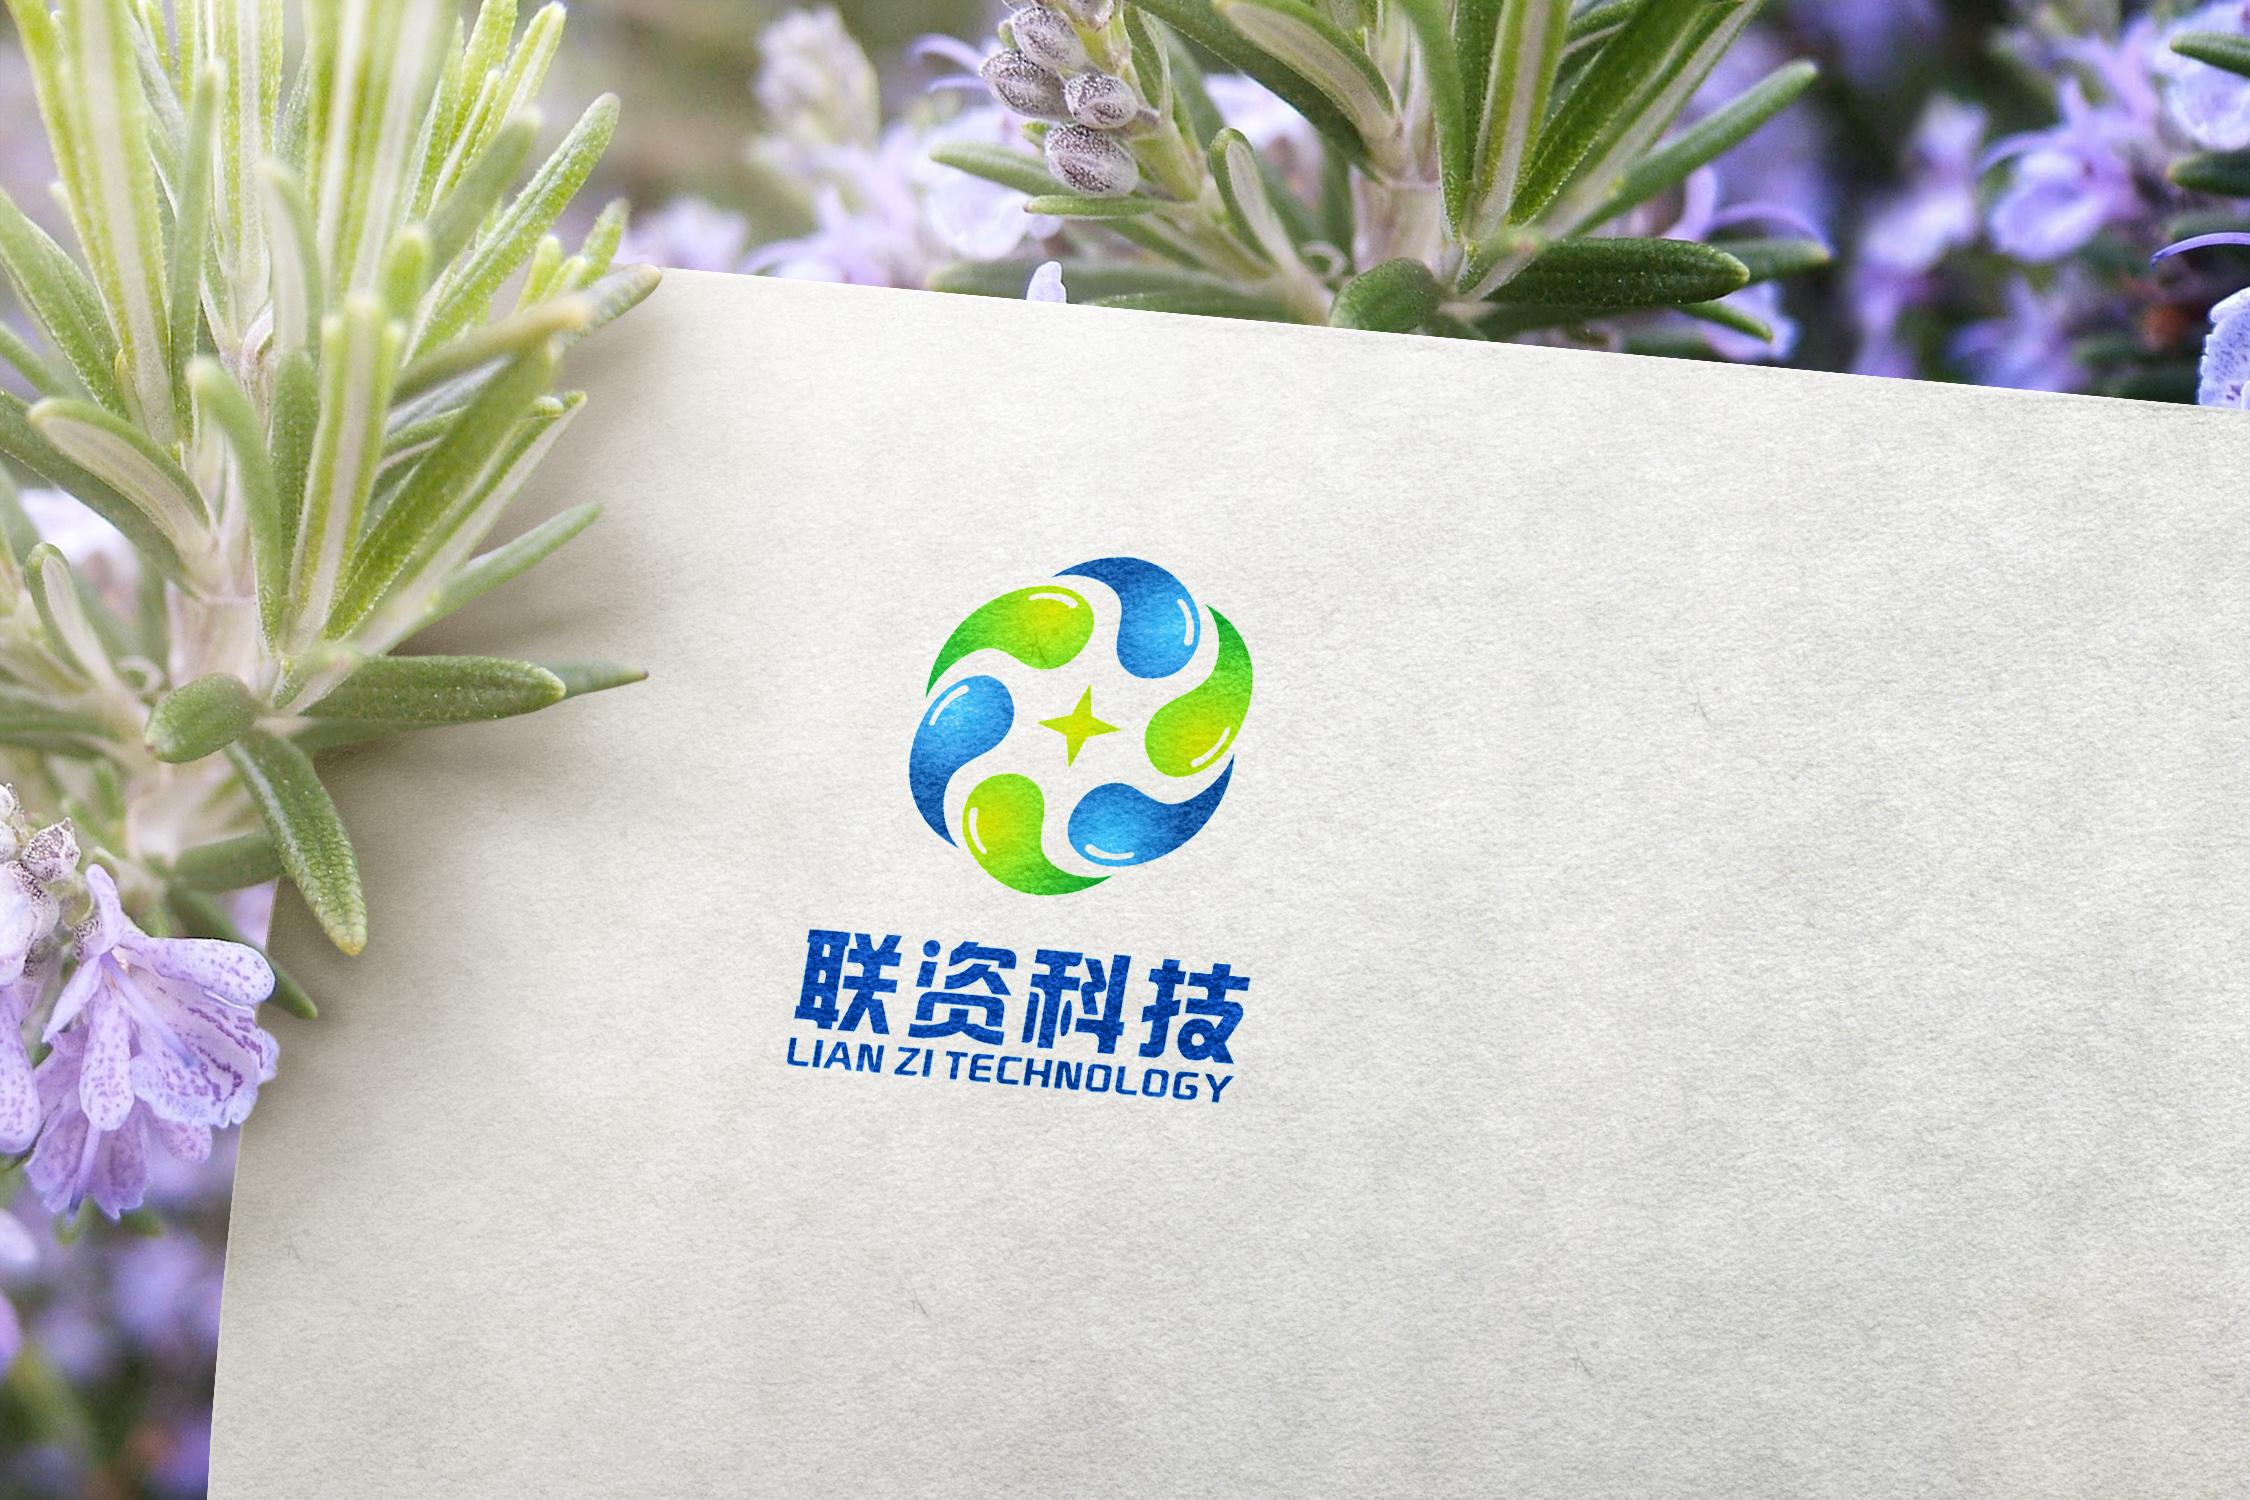 石化行业公司Logo设计_2963524_k68威客网